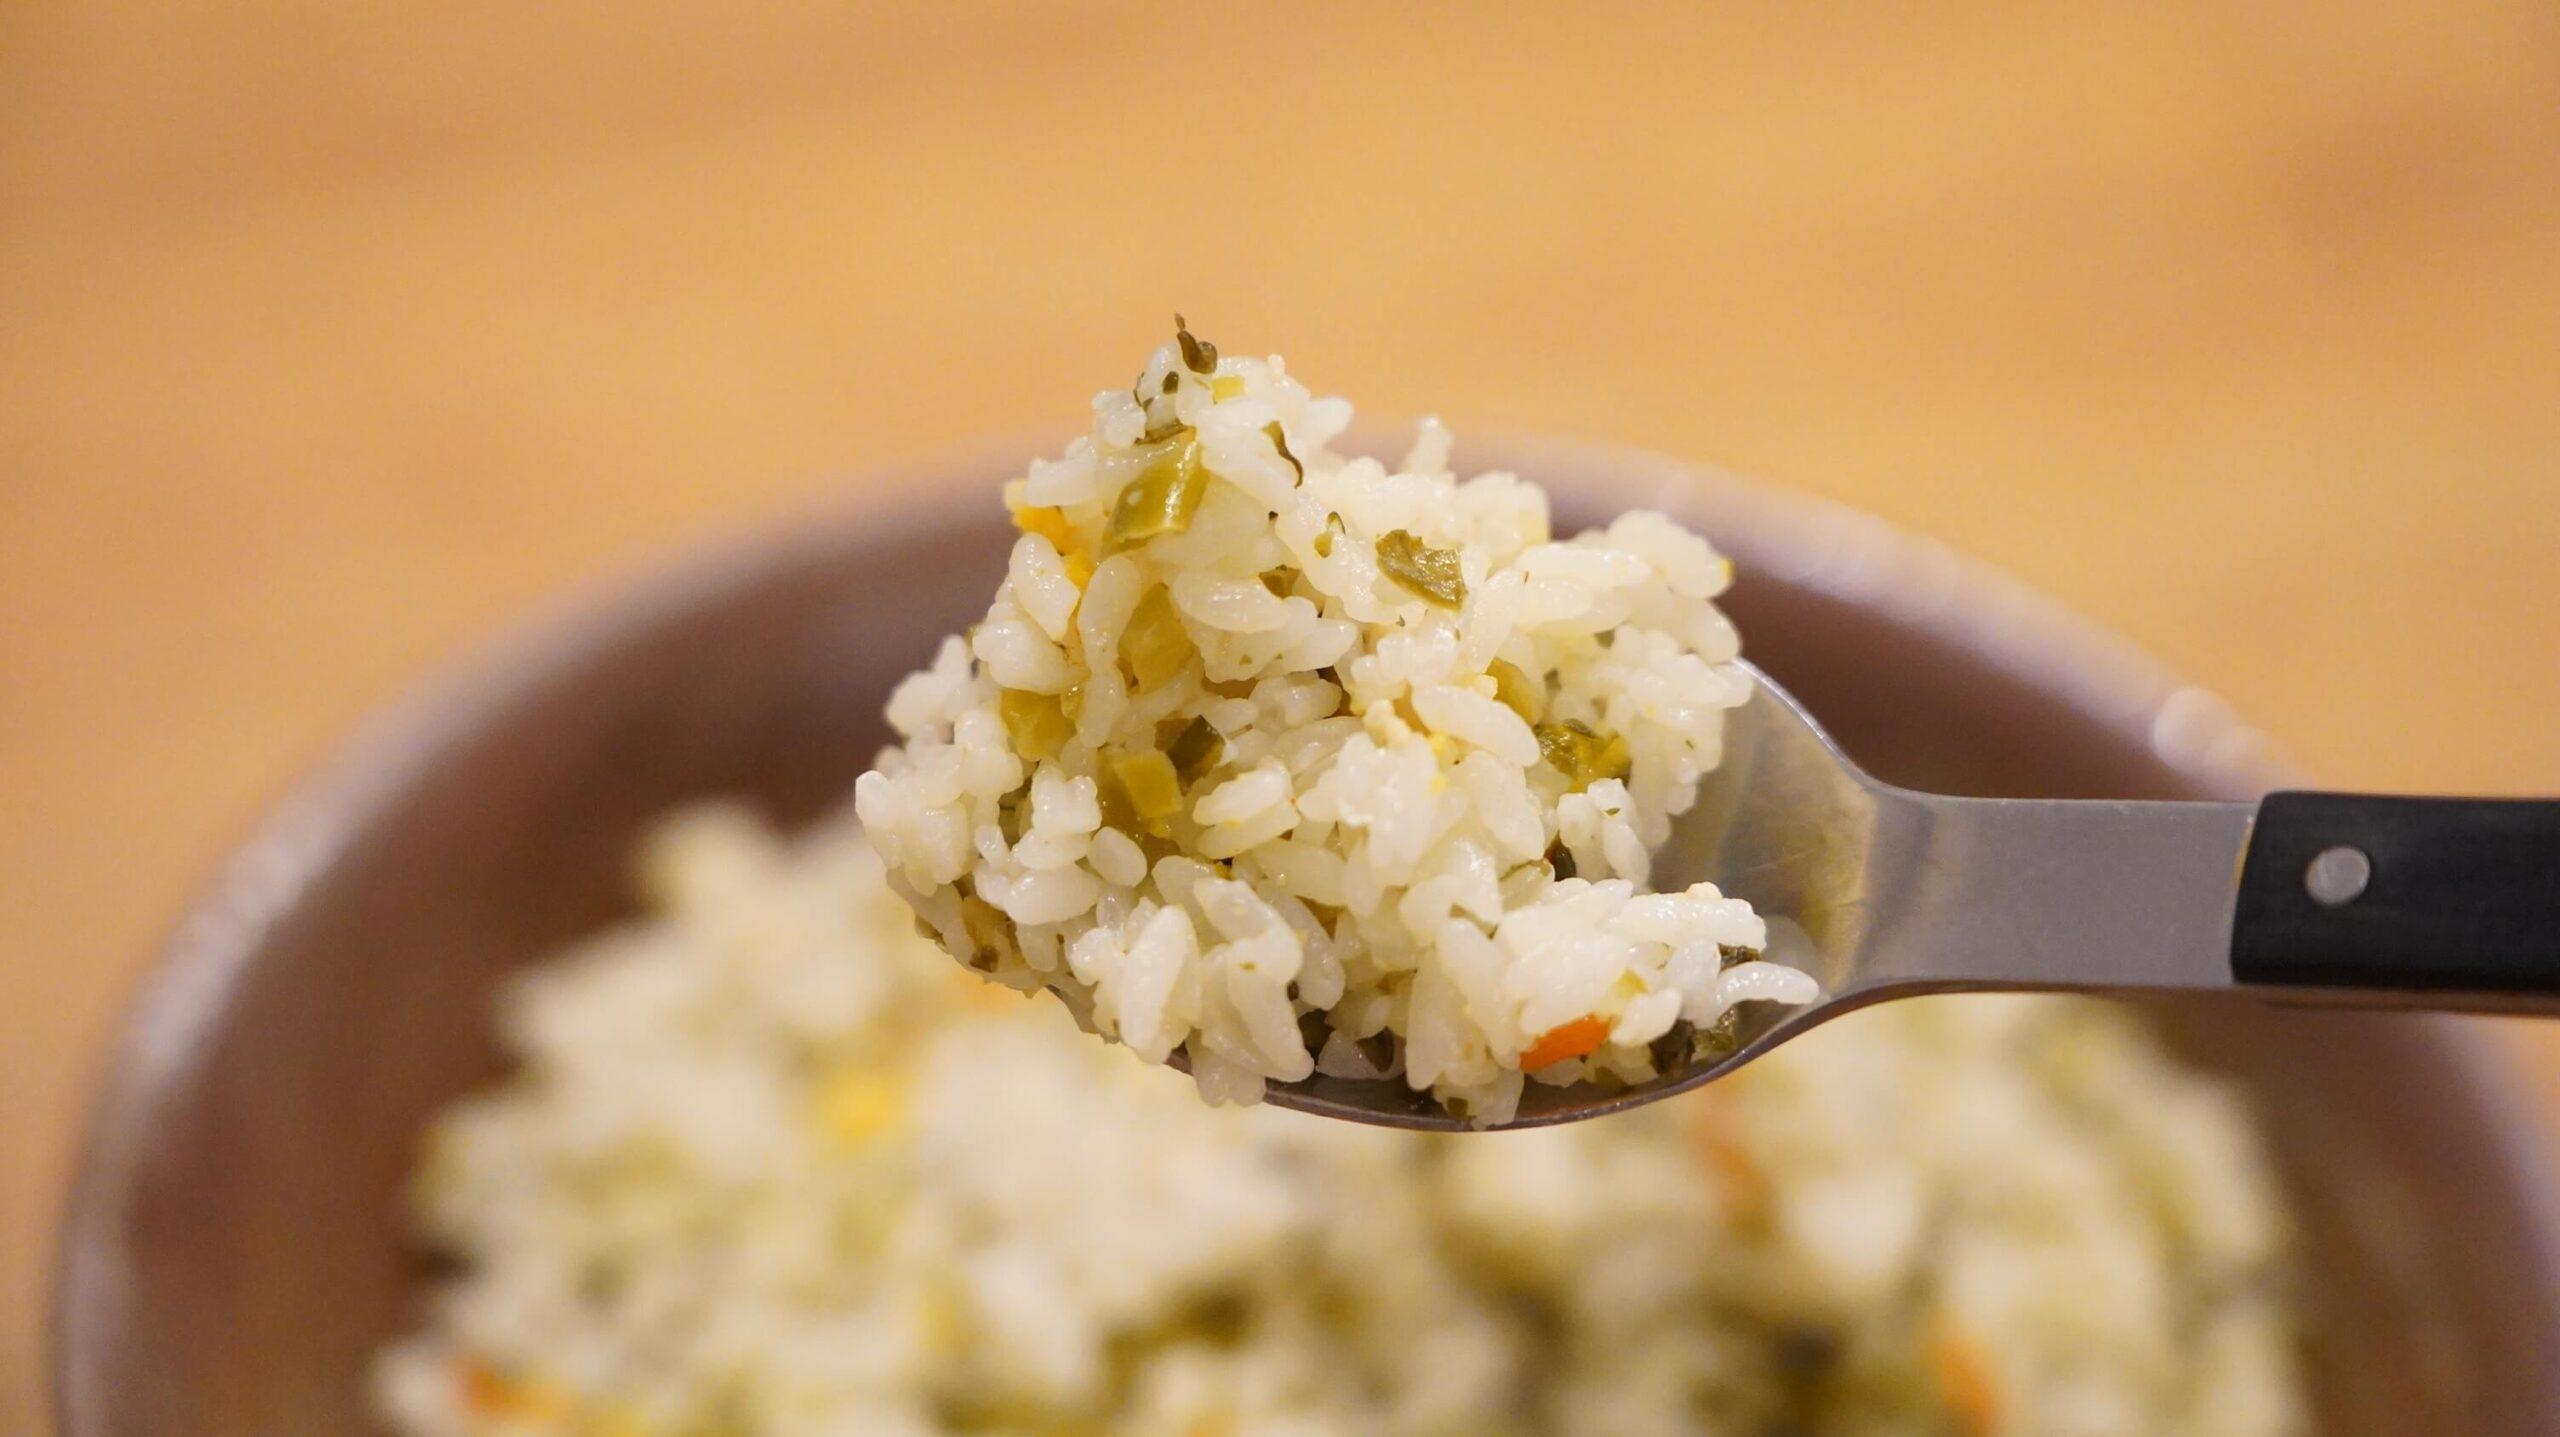 イオン(トップバリュ)の冷凍食品「高菜ピラフ」をスプーンですくっている写真